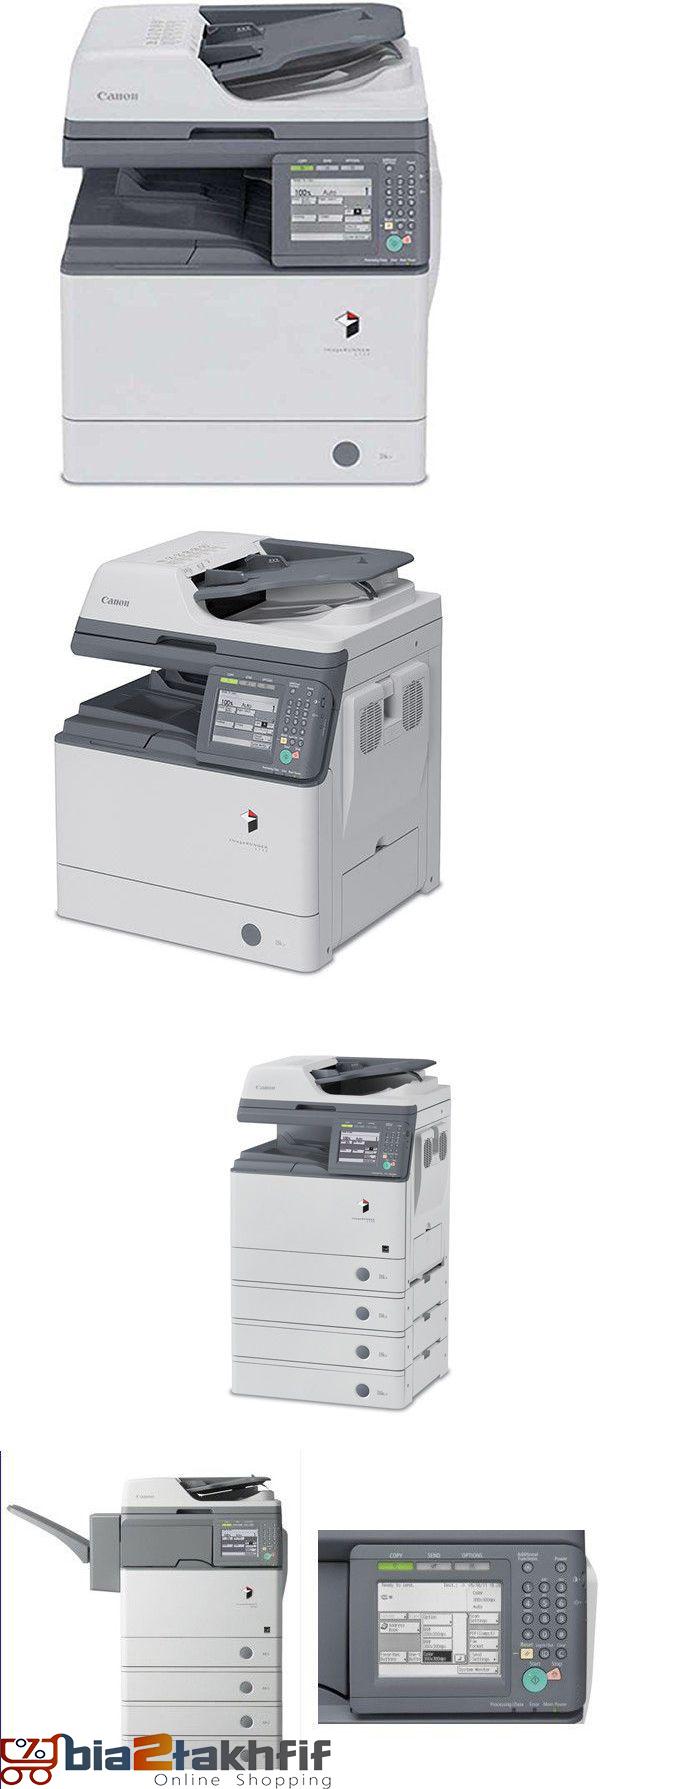 دستگاه کپی imageRUNNER 2204 کانن محصول شرکت نامآشنای «کانن» (Canon) است ، این شرکت همواره در زمینه چاپ و کپی یکی از بهترین گزینه های بازار محسوب میشود؛بیاتوتخفیف